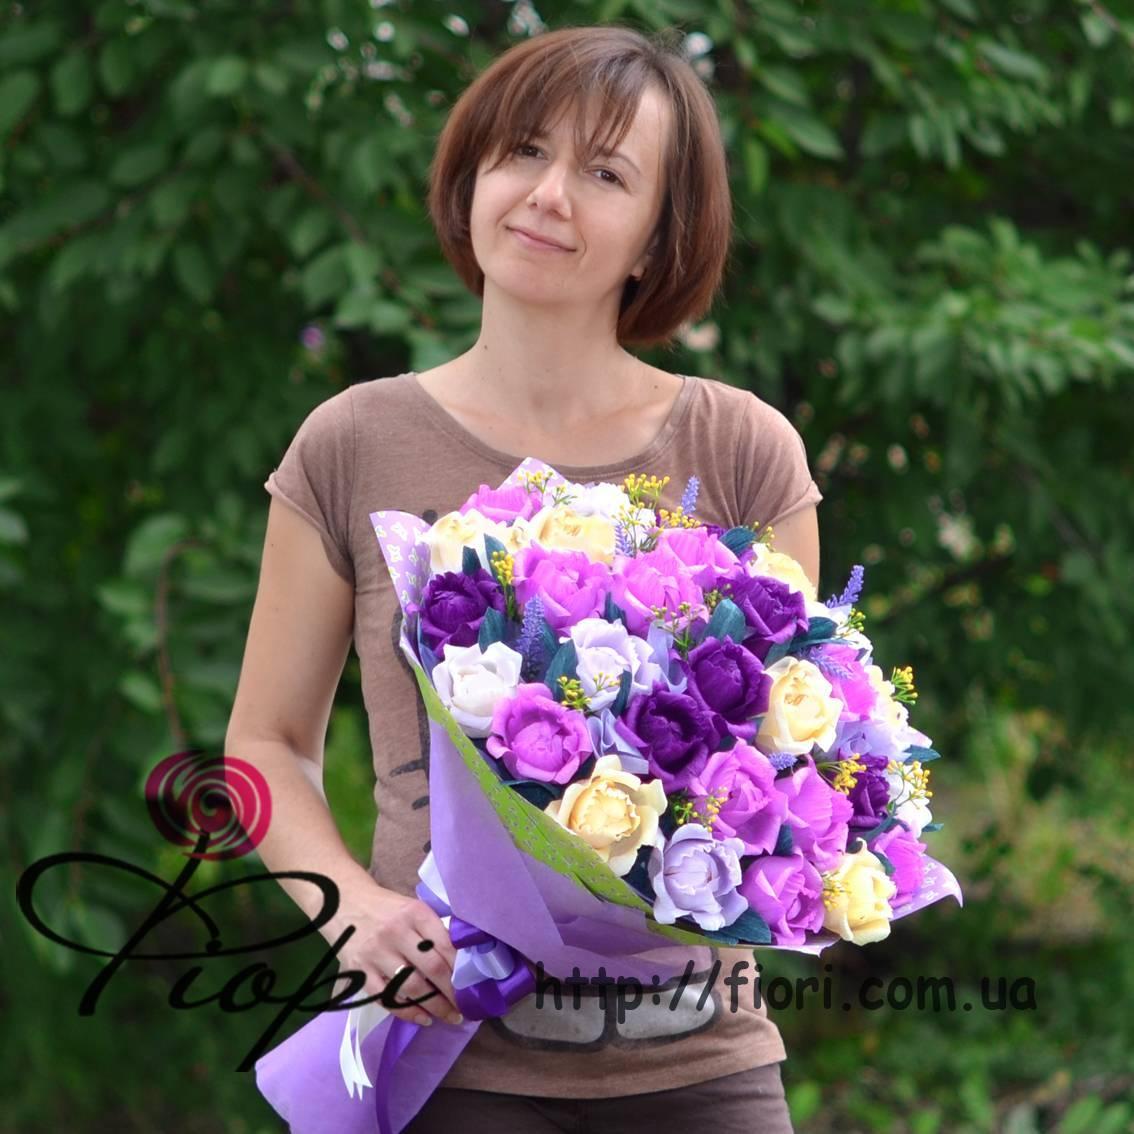 Какие цветы нельзя дарить на свадьбу — 5 запрещенных видов